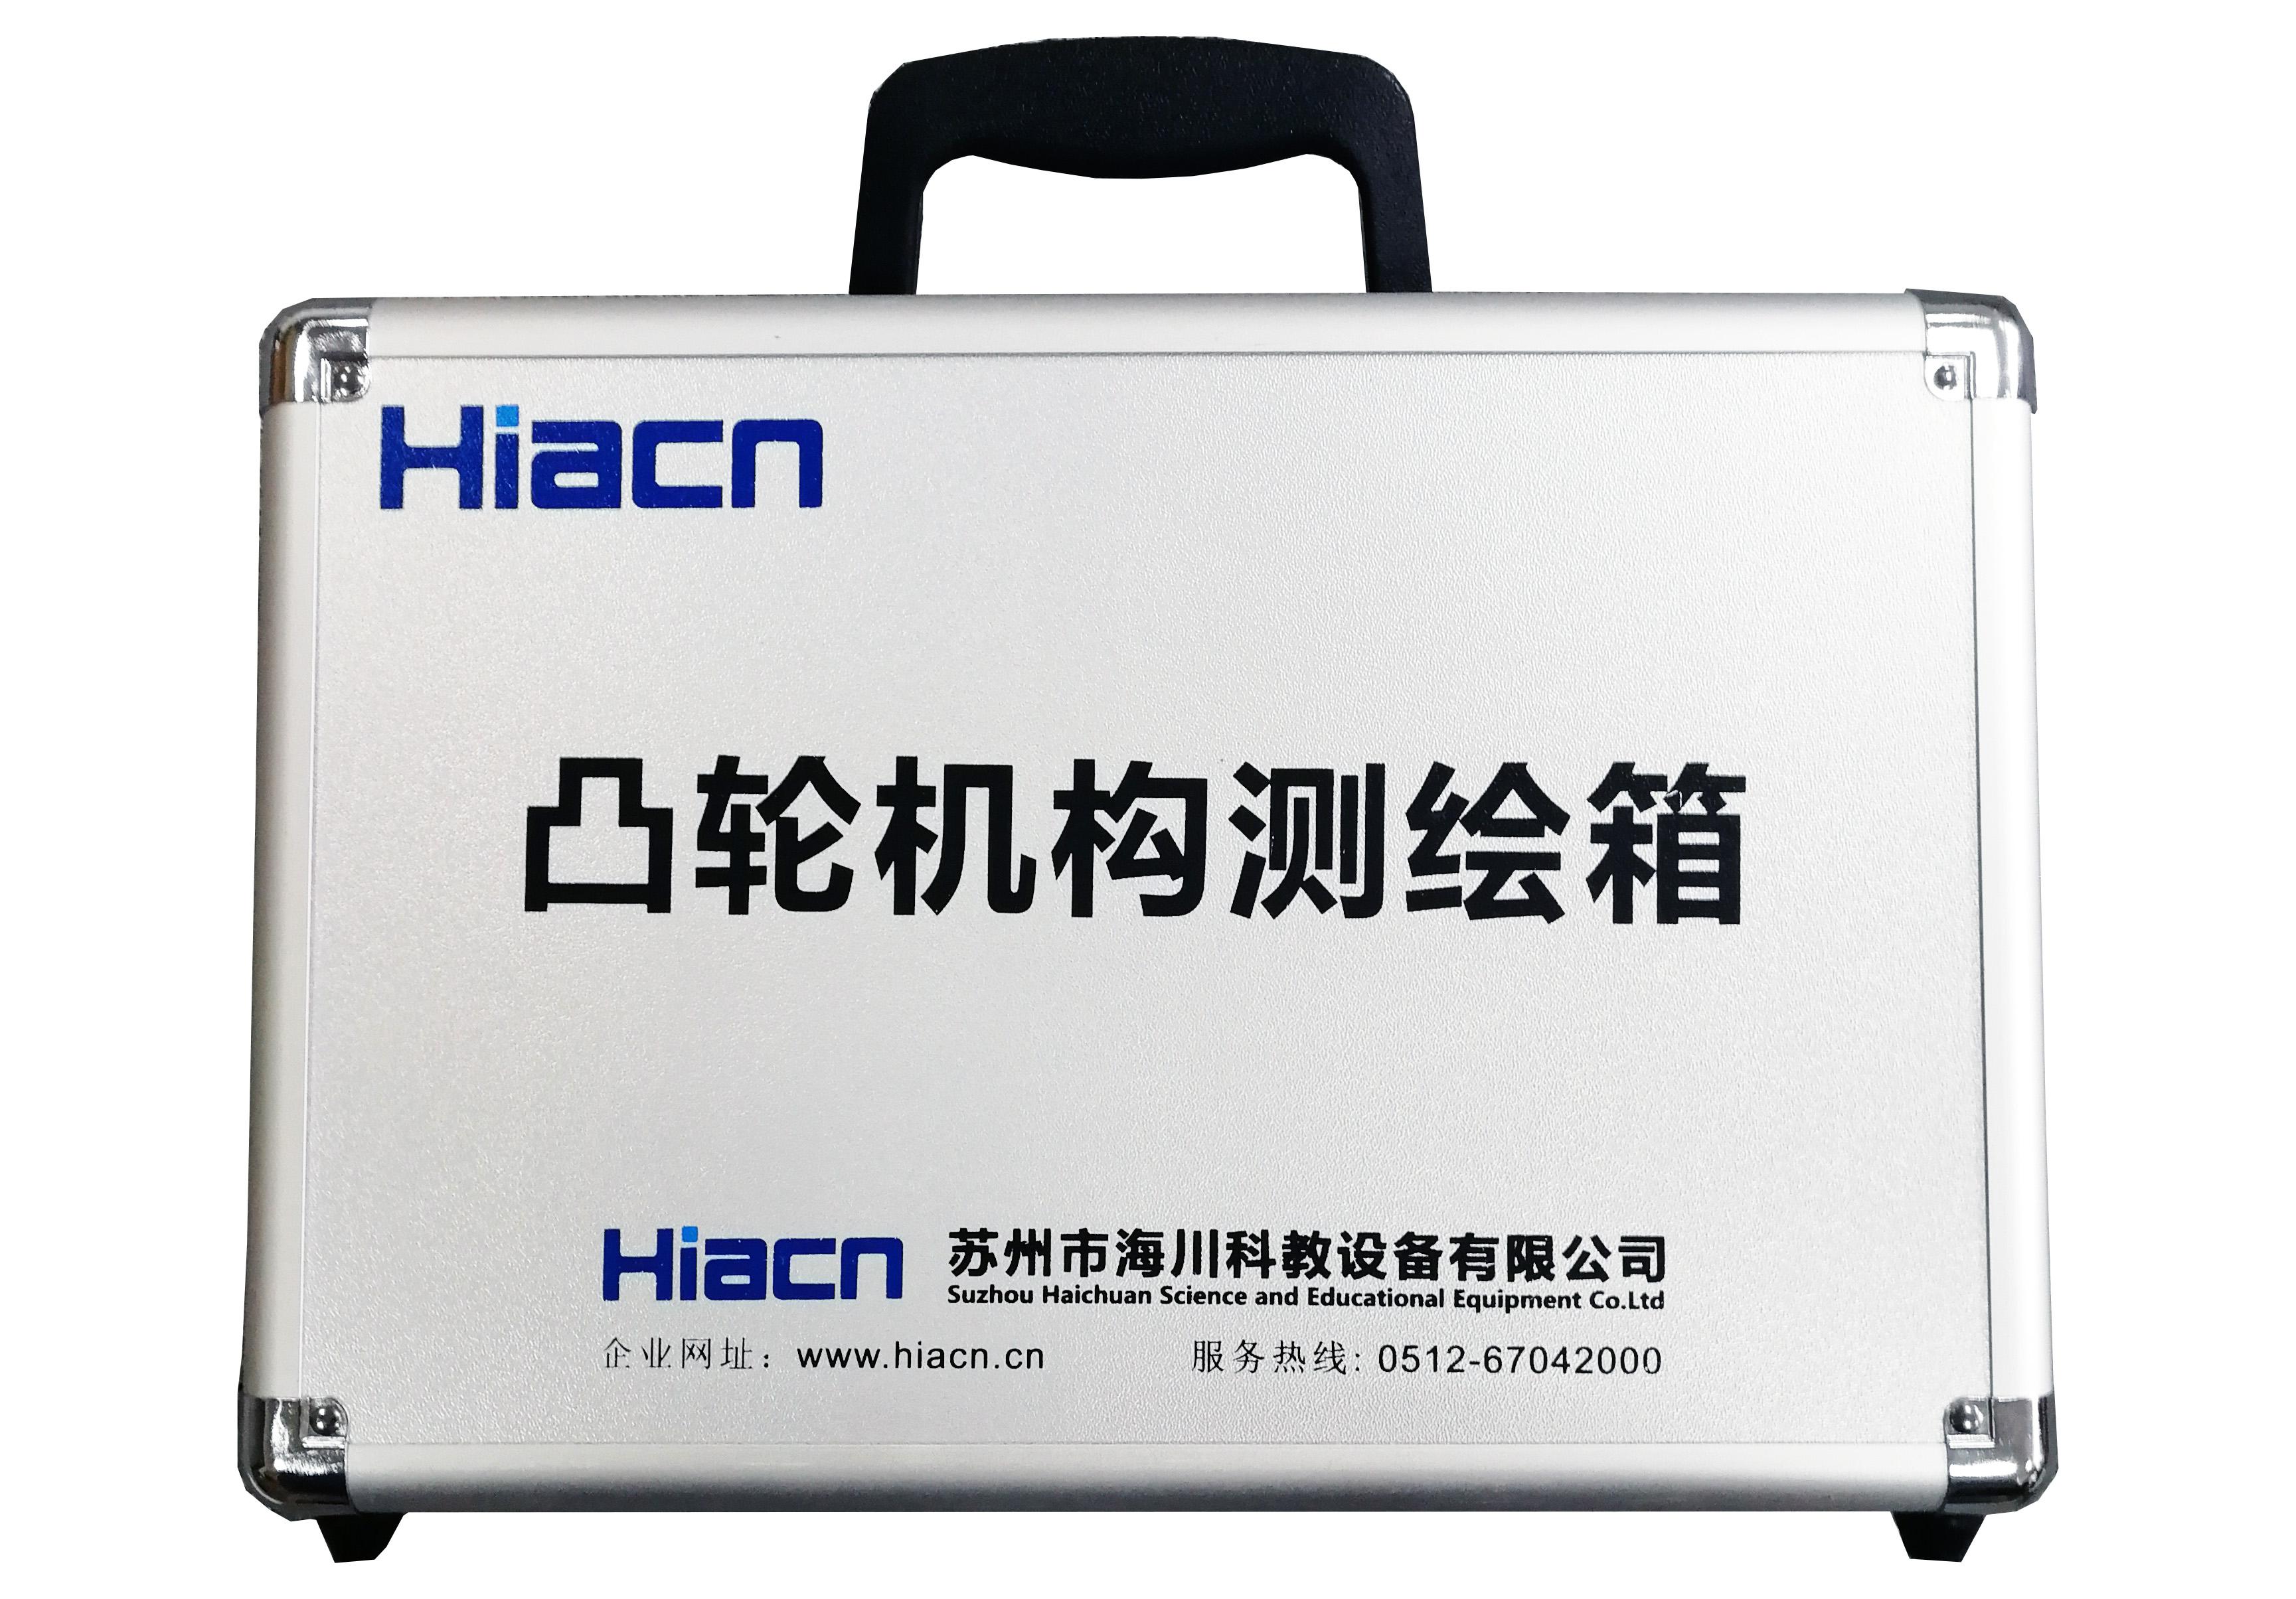 凸轮机构测绘箱产品图片